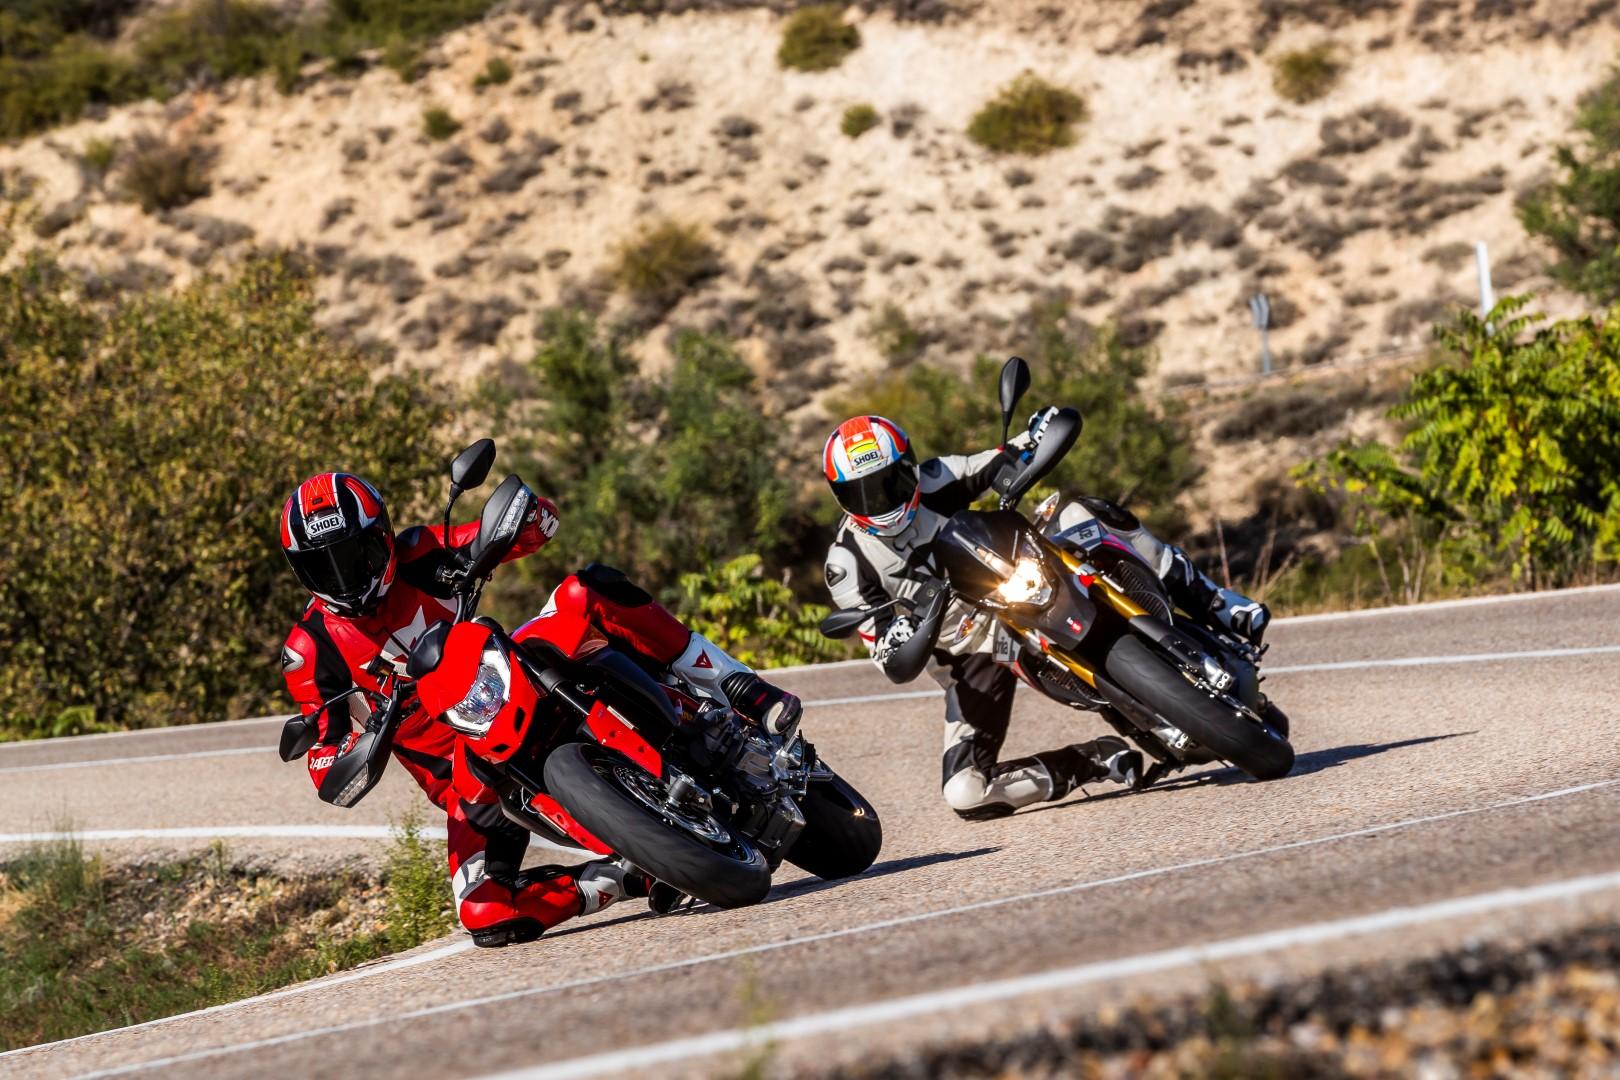 Cuerpo a Cuerpo Aprilia Dorsoduro 900 - Ducati Hypermotard 950